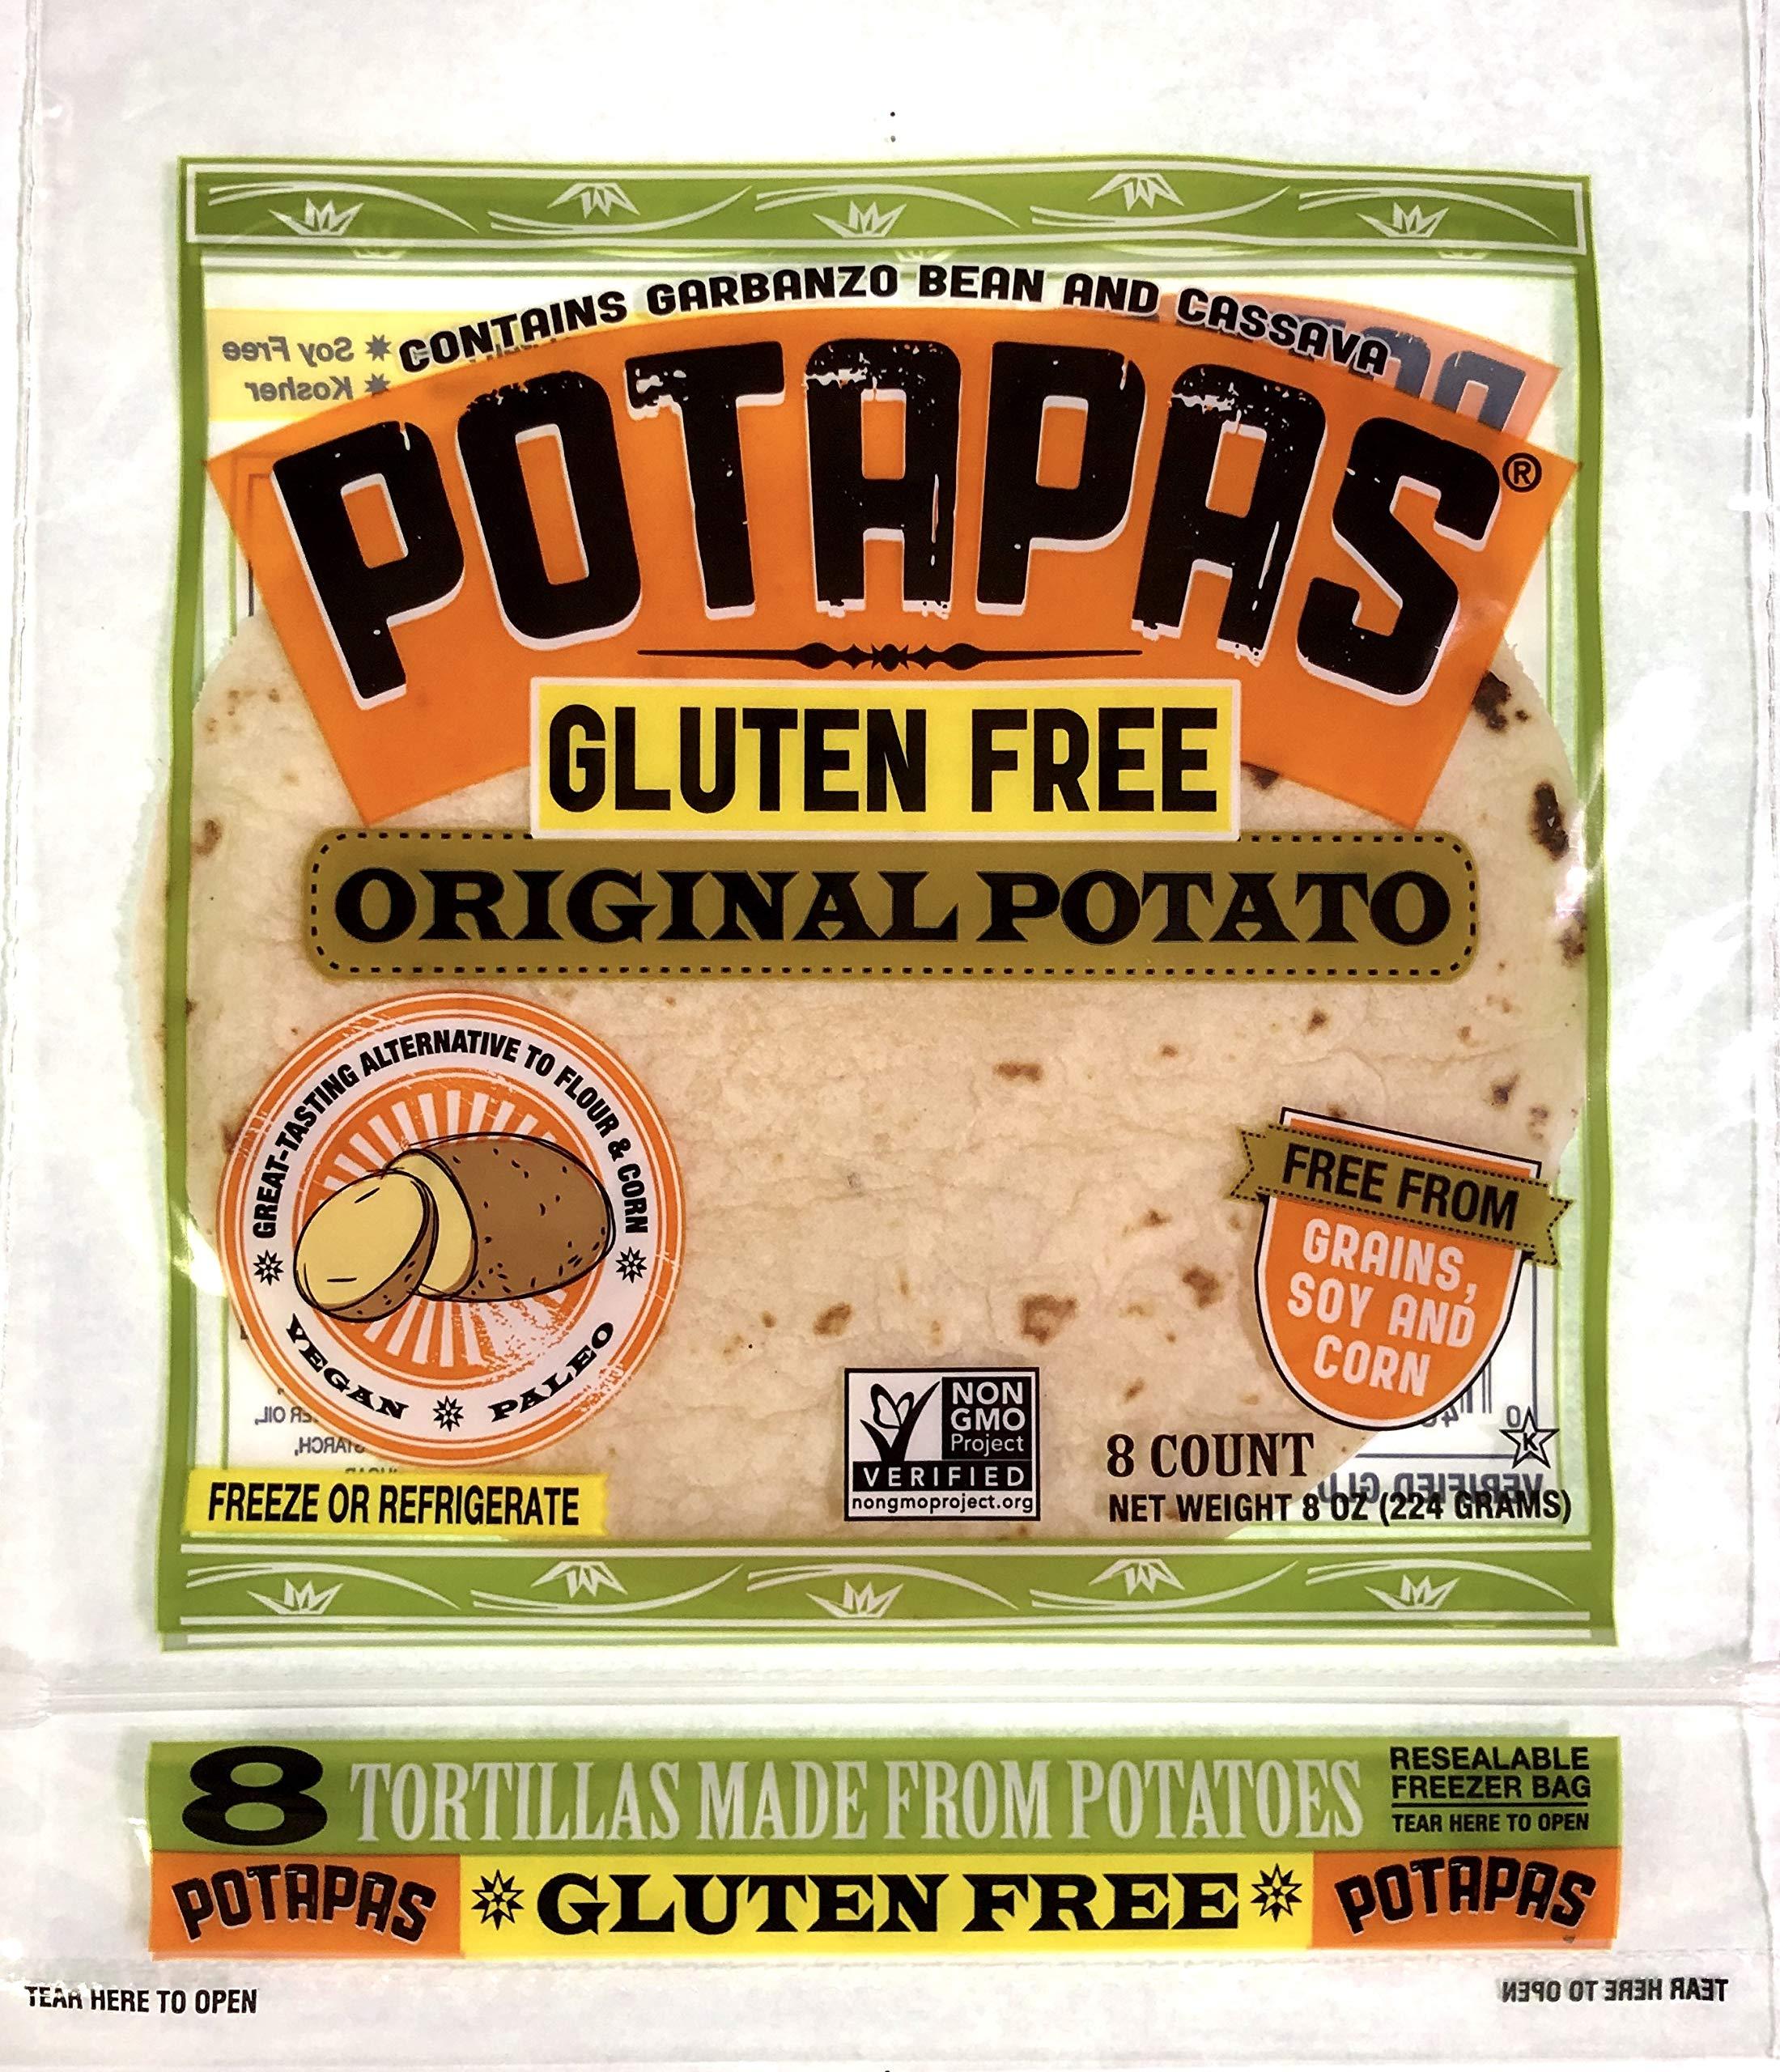 Potapas, Original Potato Tortillas, Gluten Free, 8 Ounce, Case Pack of 12 by Potapas